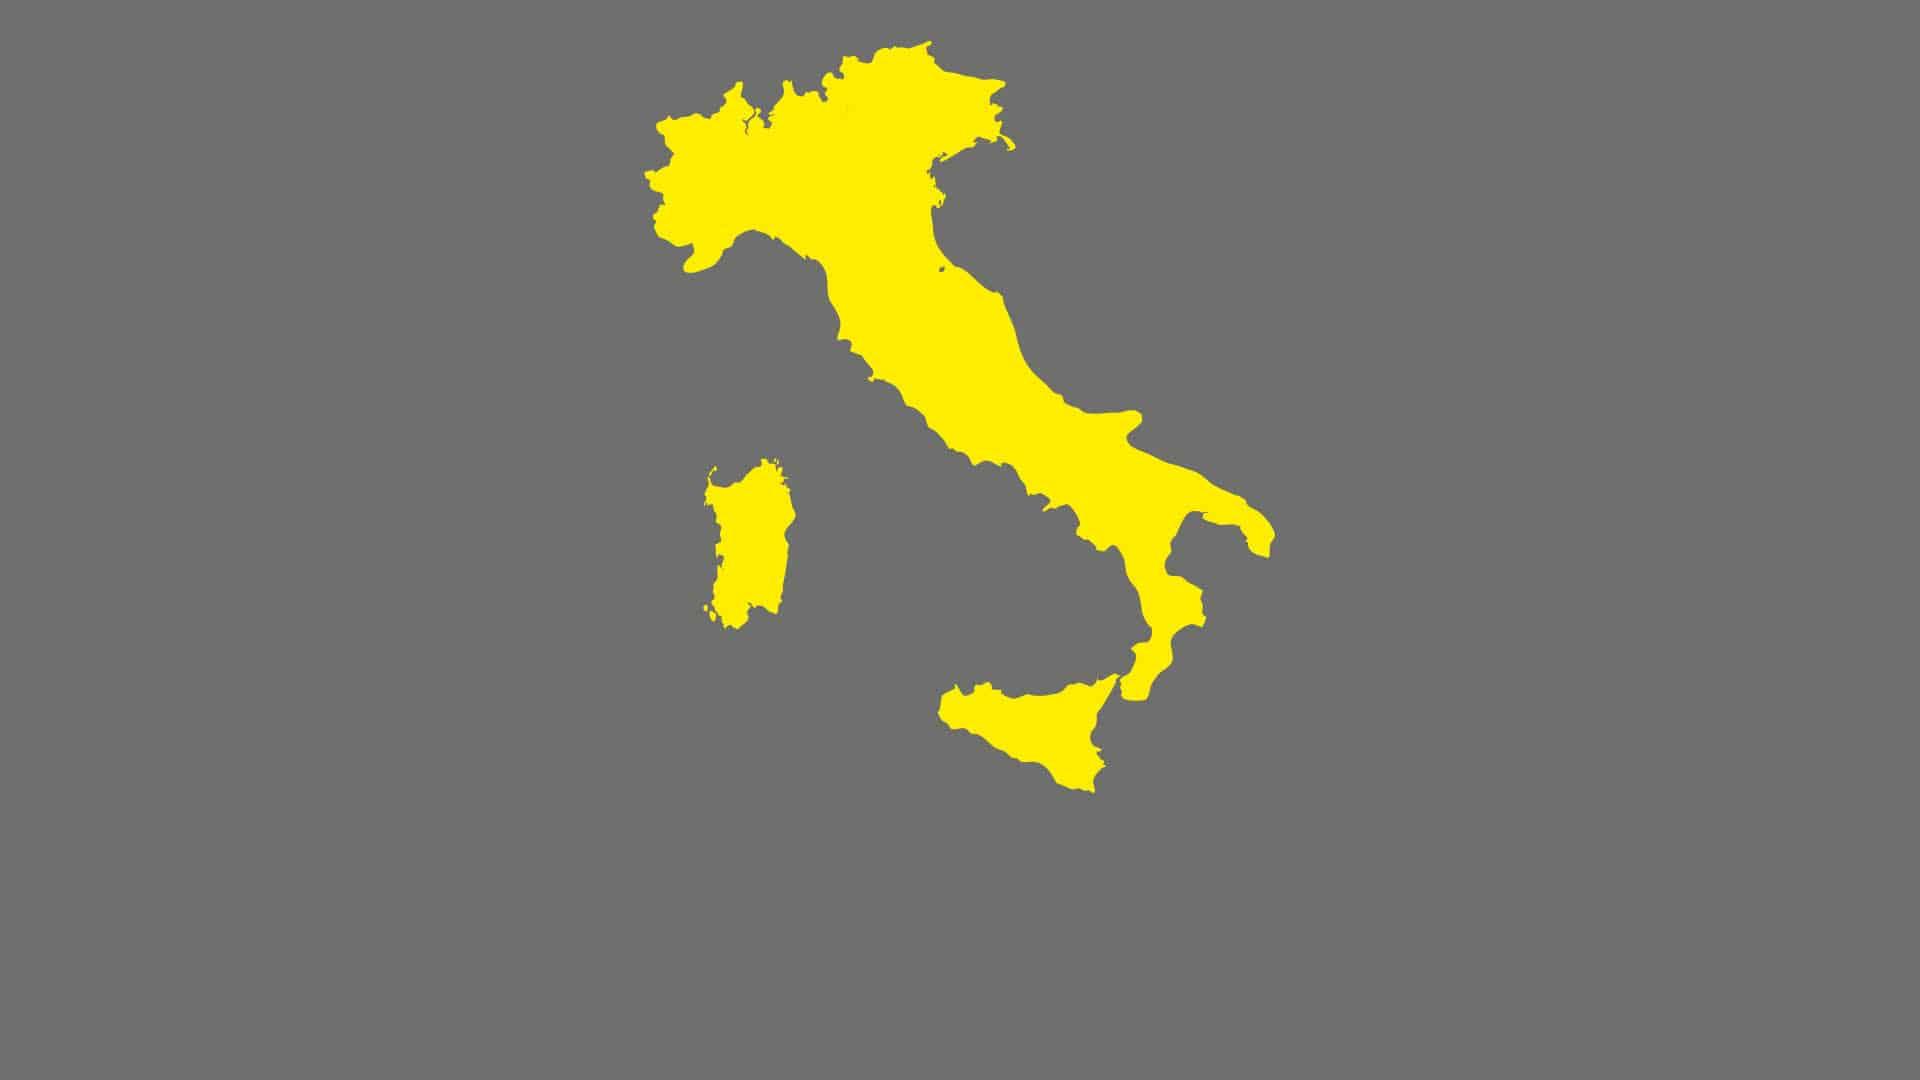 Kartenumriss von Italien